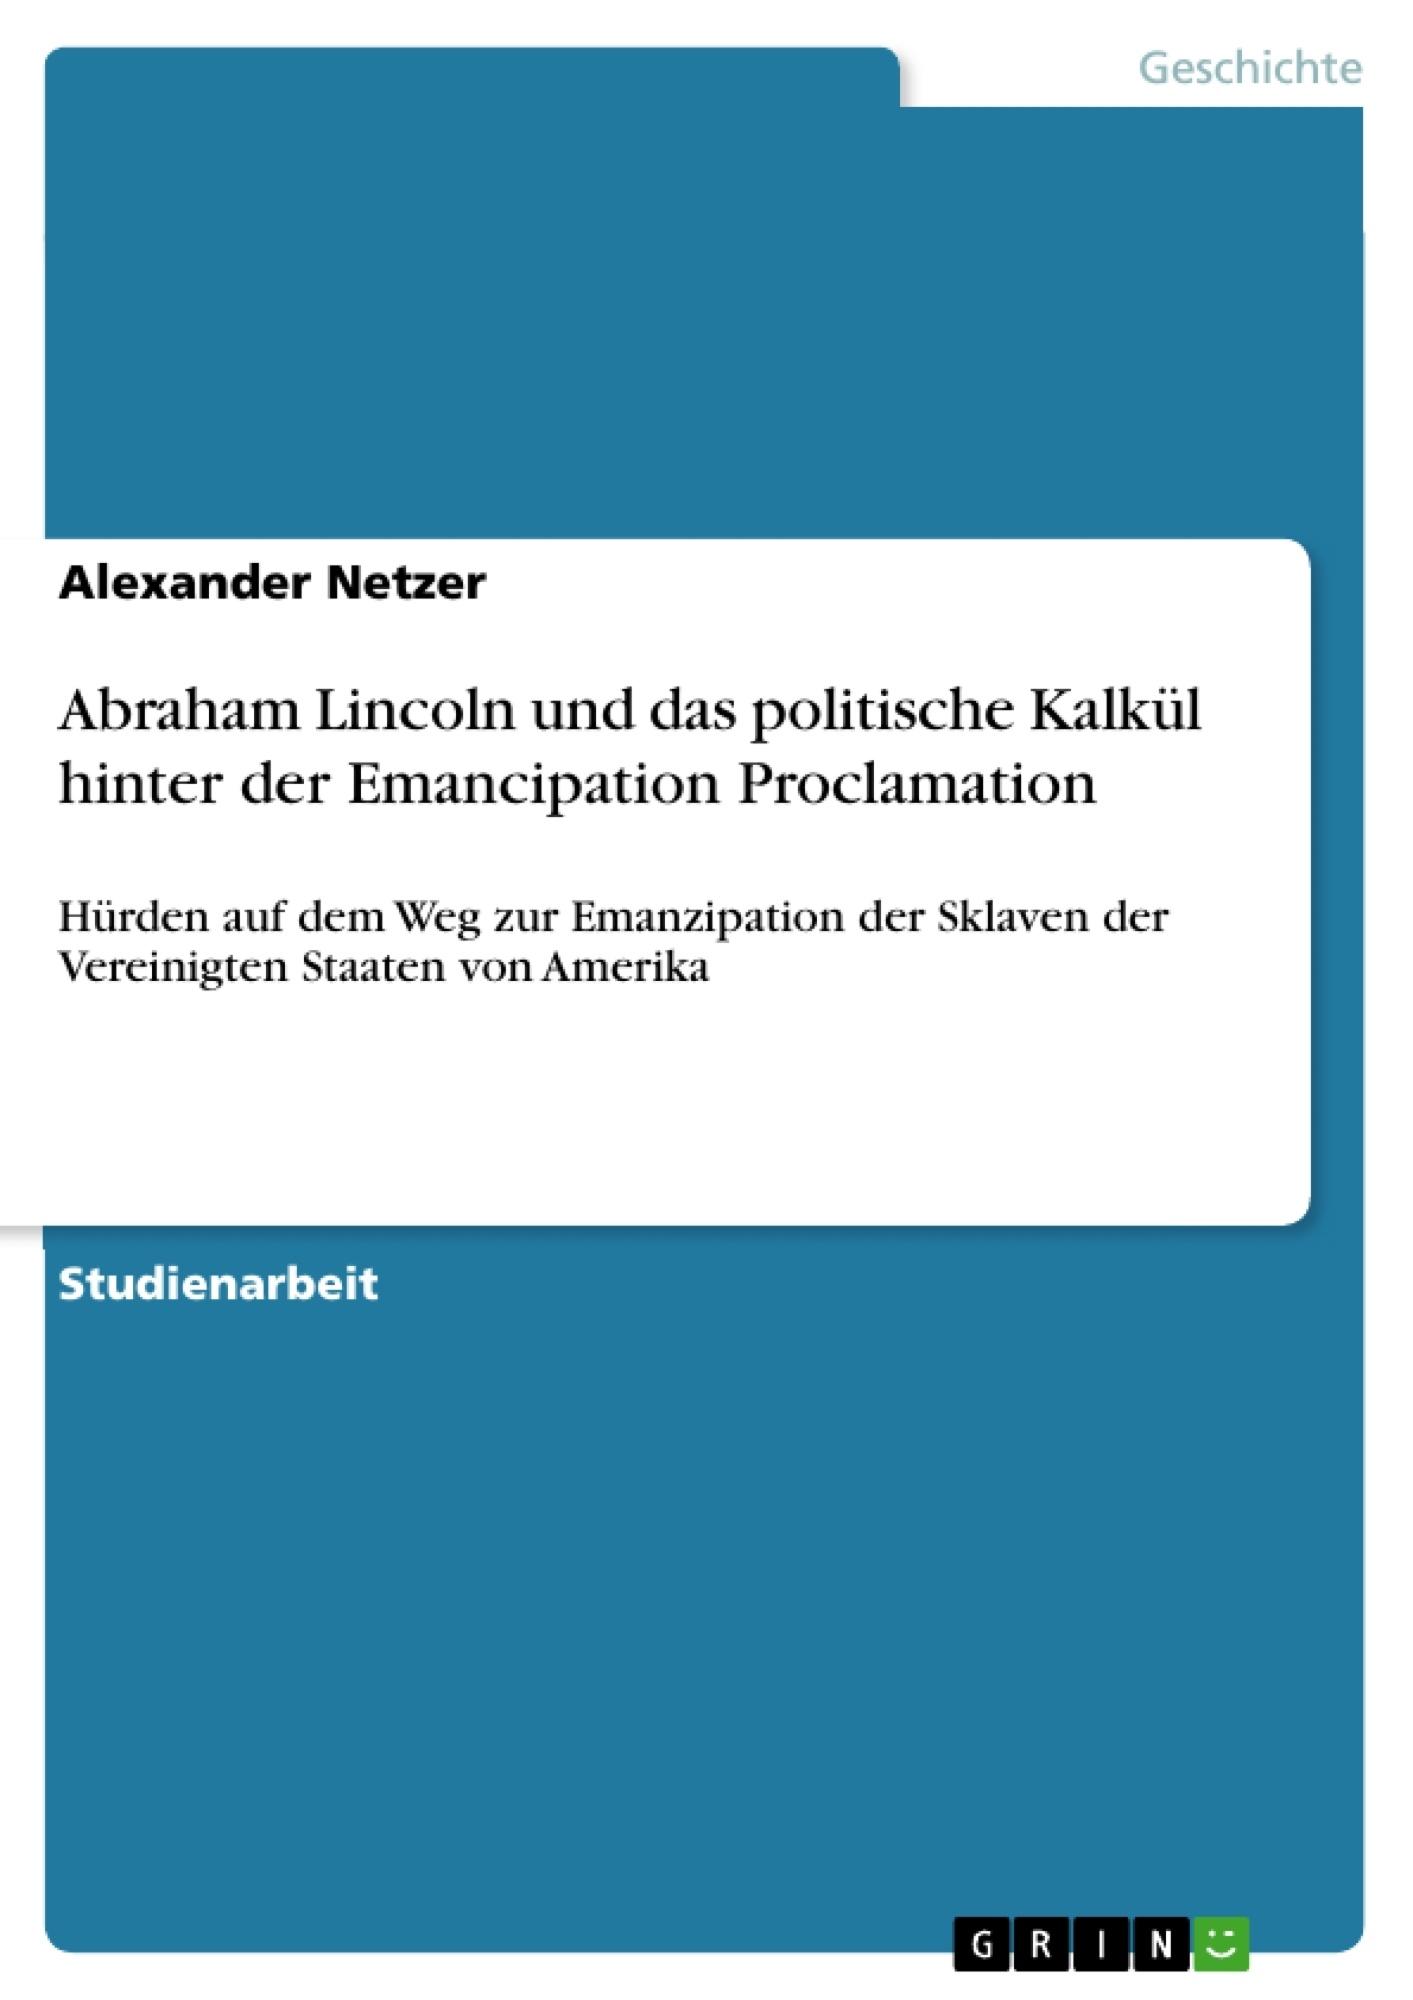 Titel: Abraham Lincoln und das politische Kalkül hinter der Emancipation Proclamation